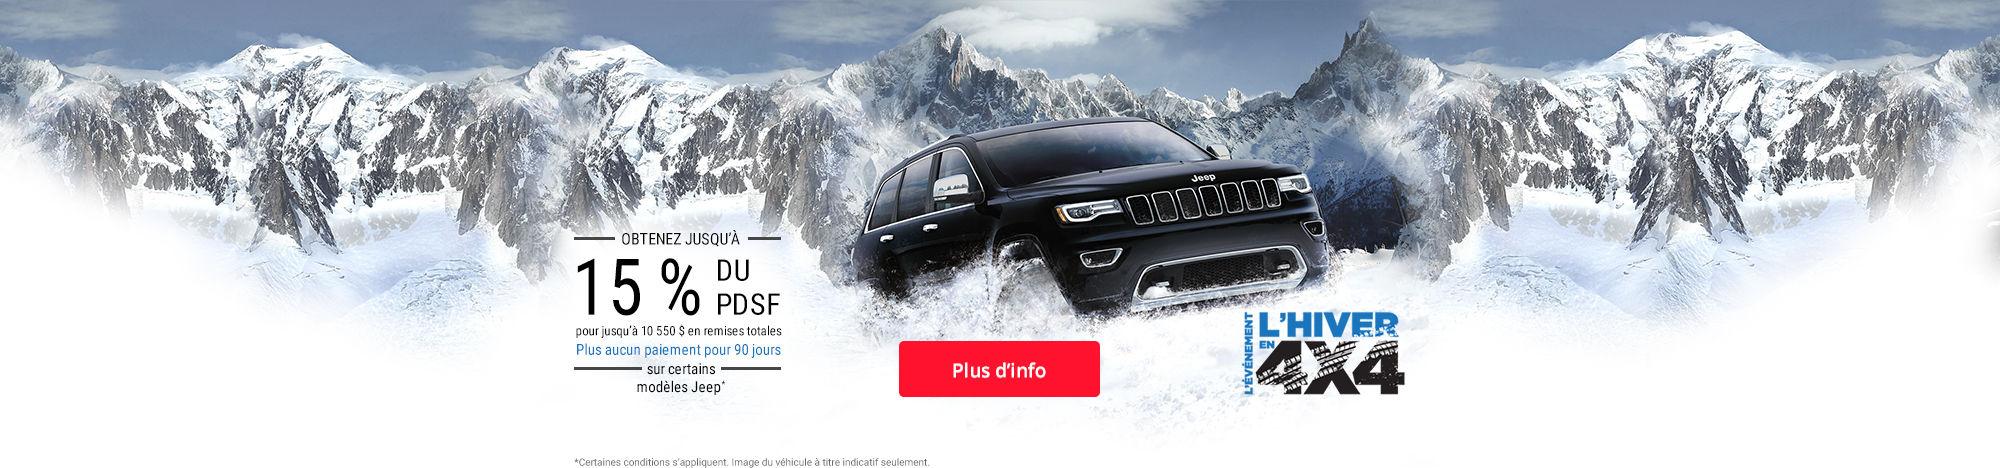 Événement l'hiver en 4x4 - Jeep